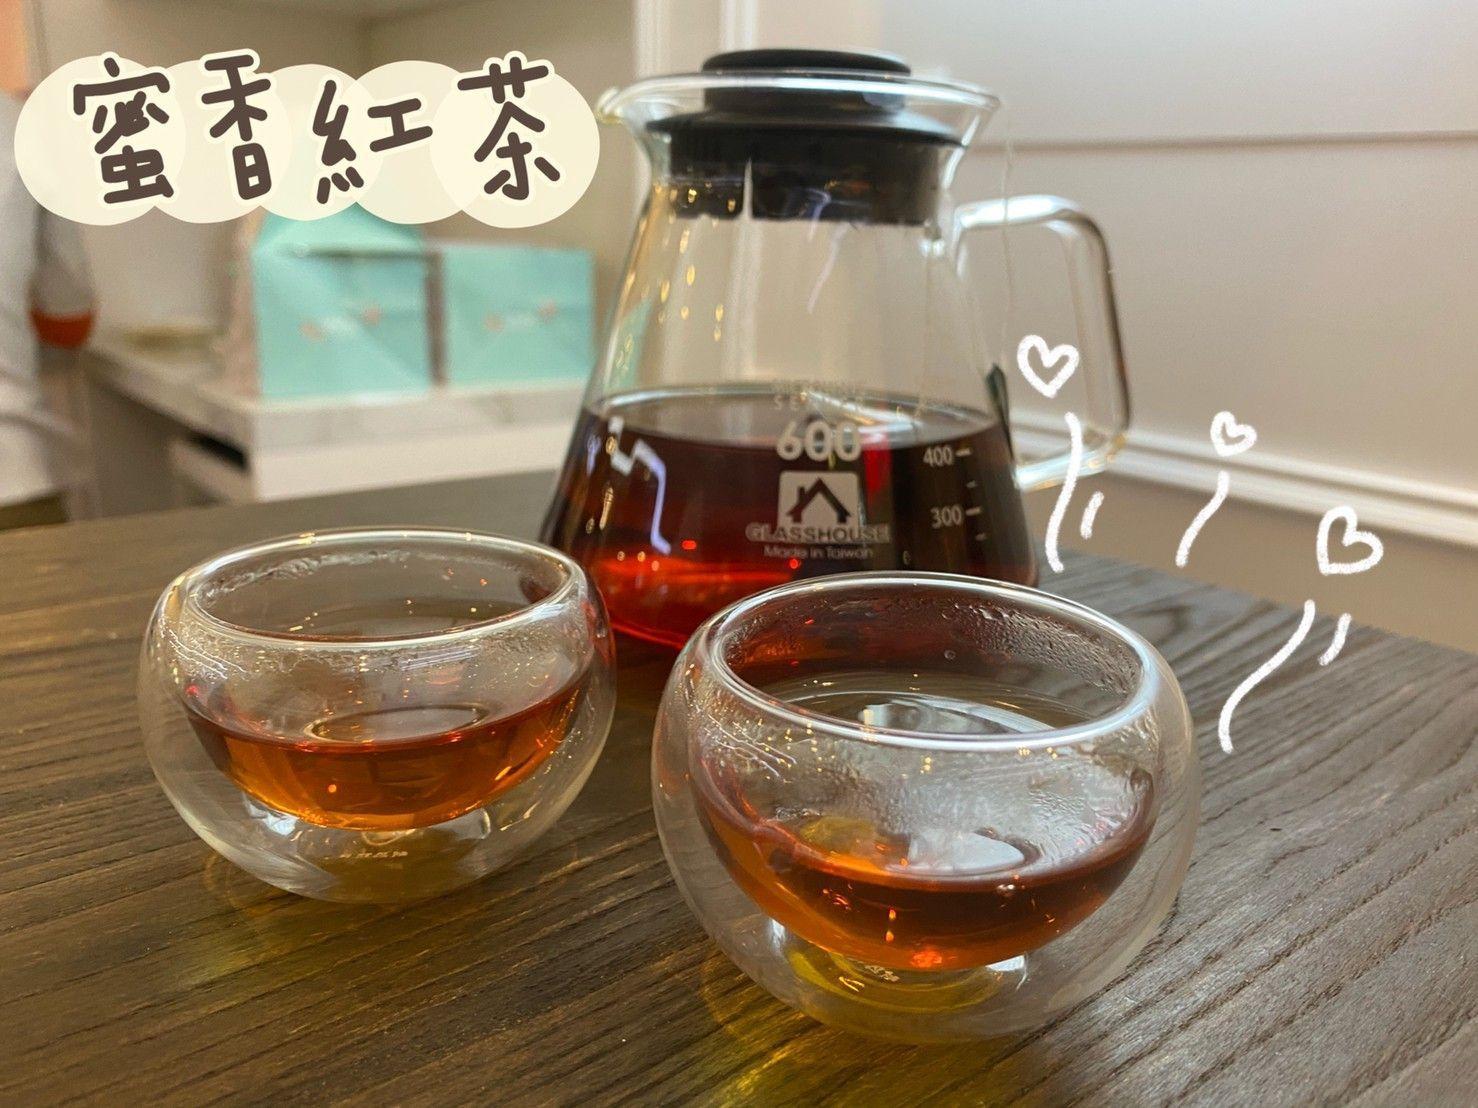 下午茶推薦|法式甜點舒芙蕾-天子舒芙蕾,擁有多種特別吃法